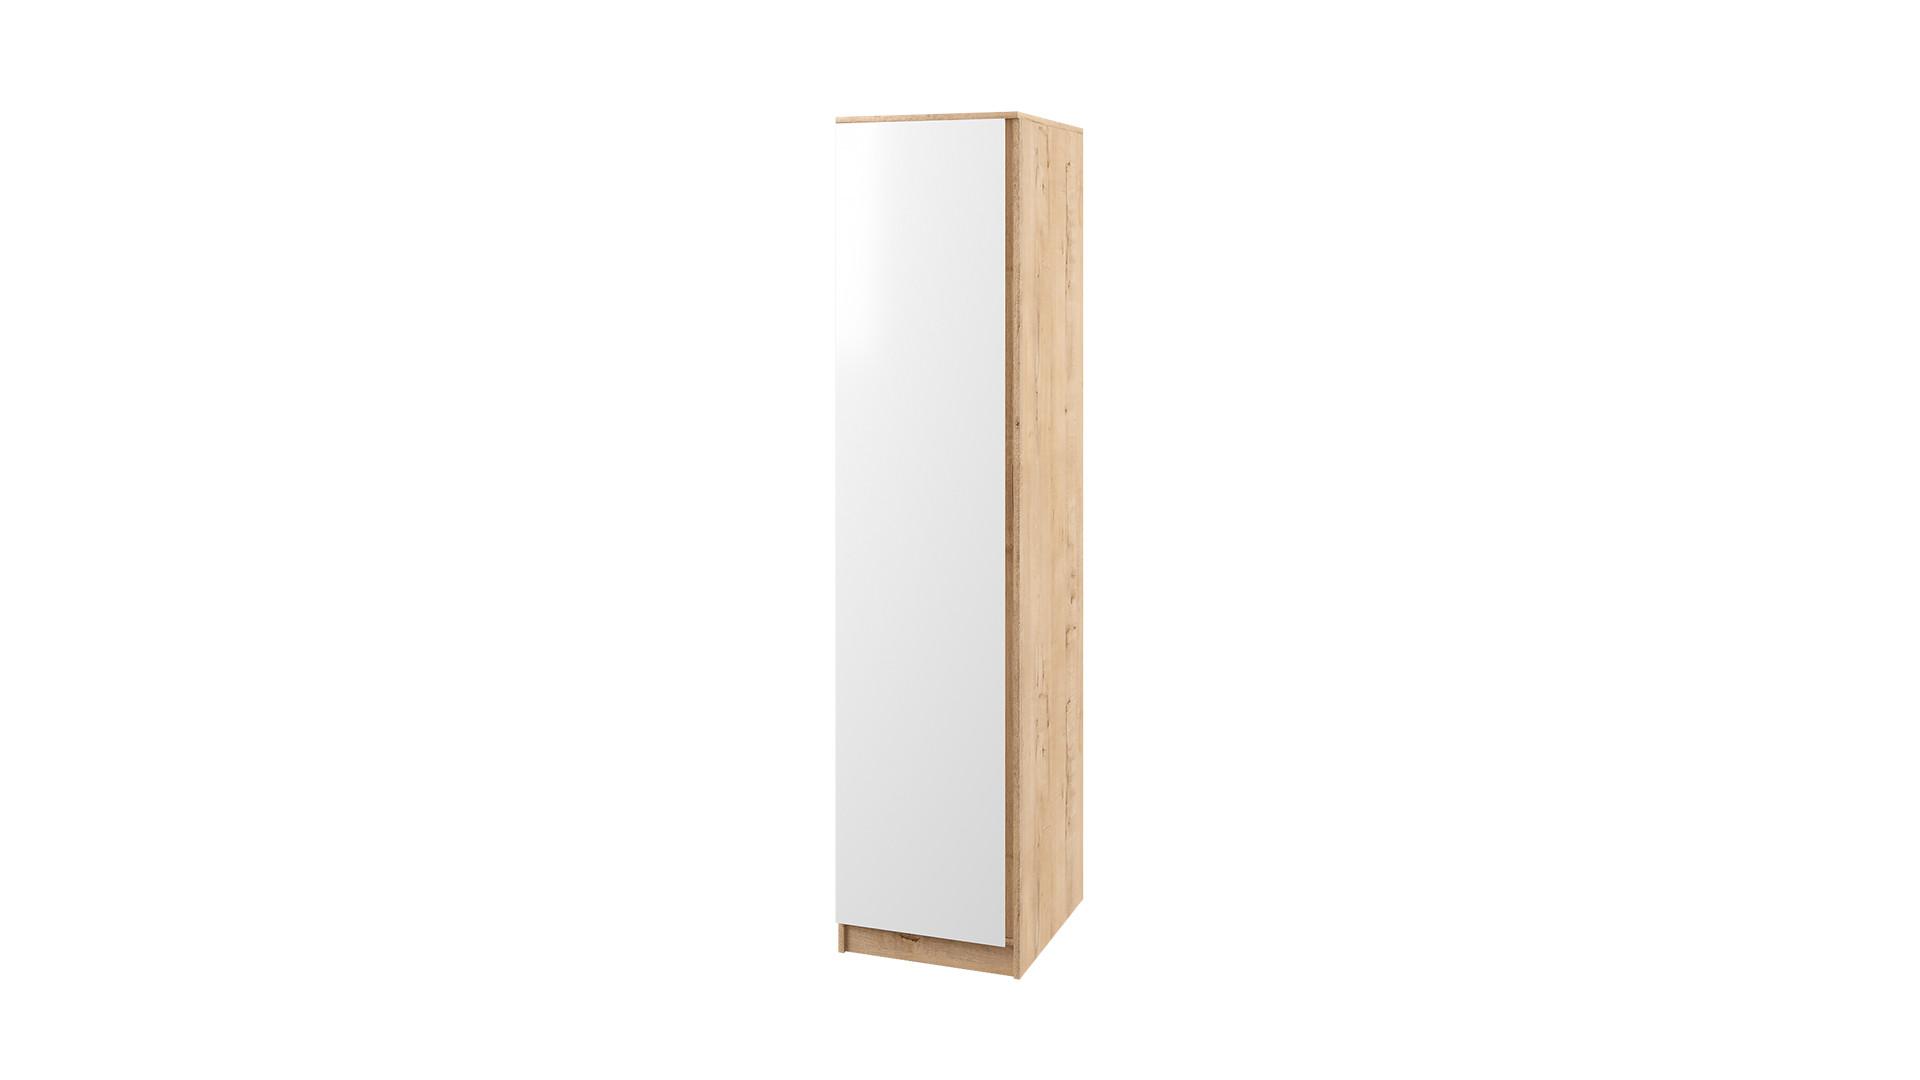 Шкаф 1 створчатый Марли МШК 480.1